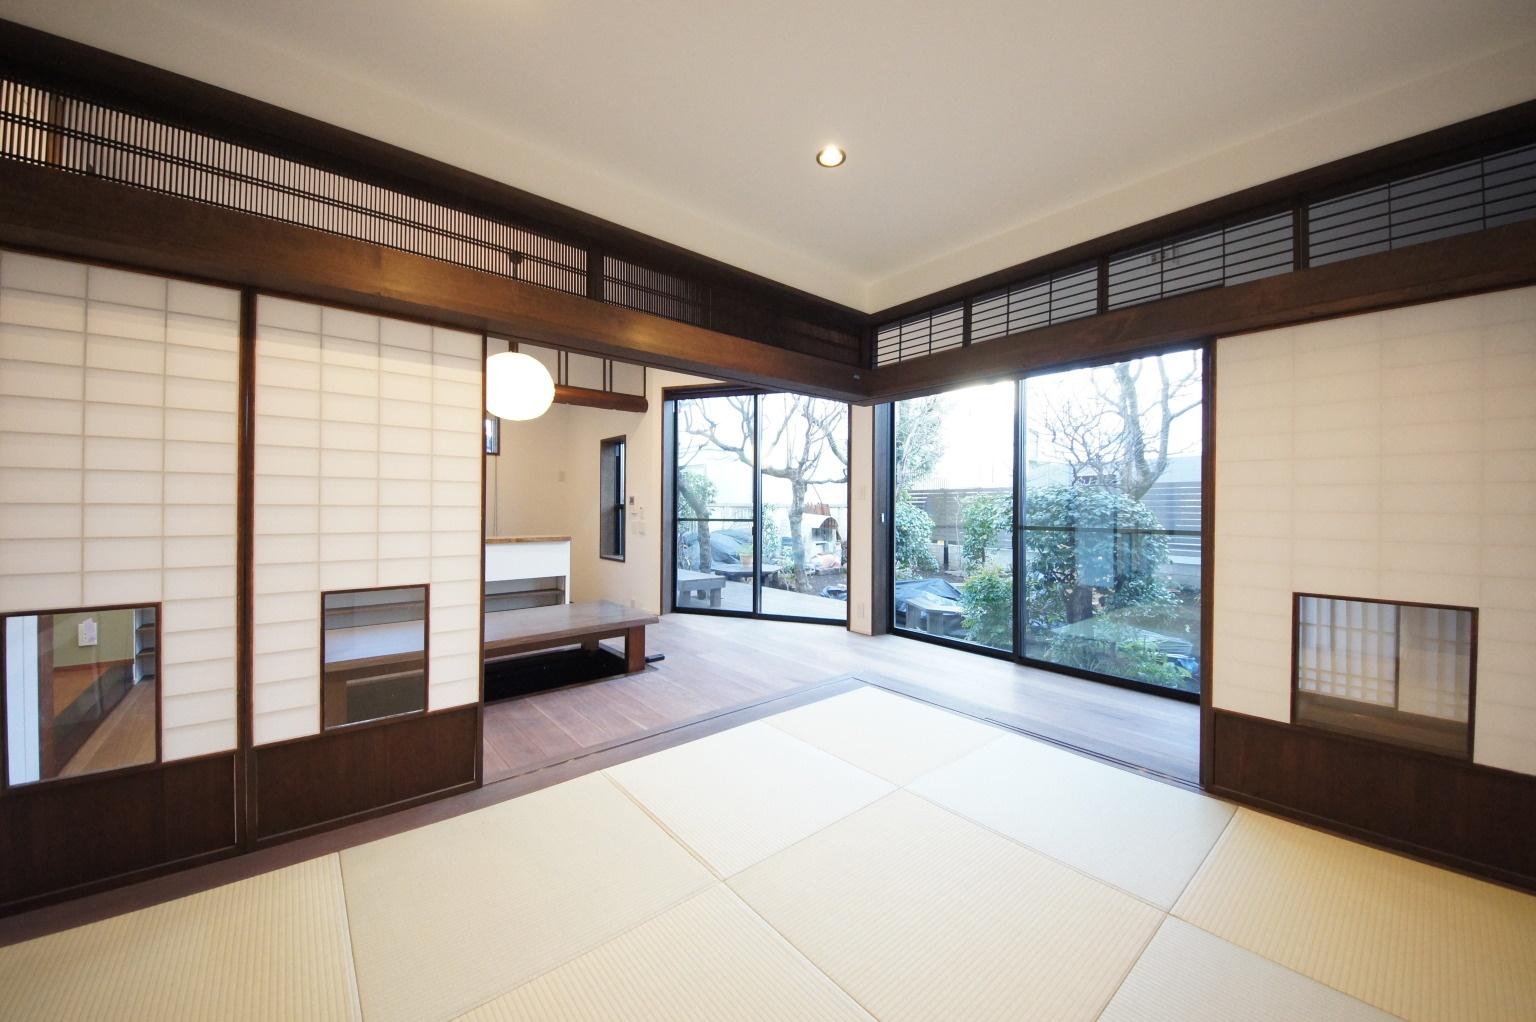 【二世帯住宅のコツ3】親世帯の居住スペースは、庭が望める一階に設ける